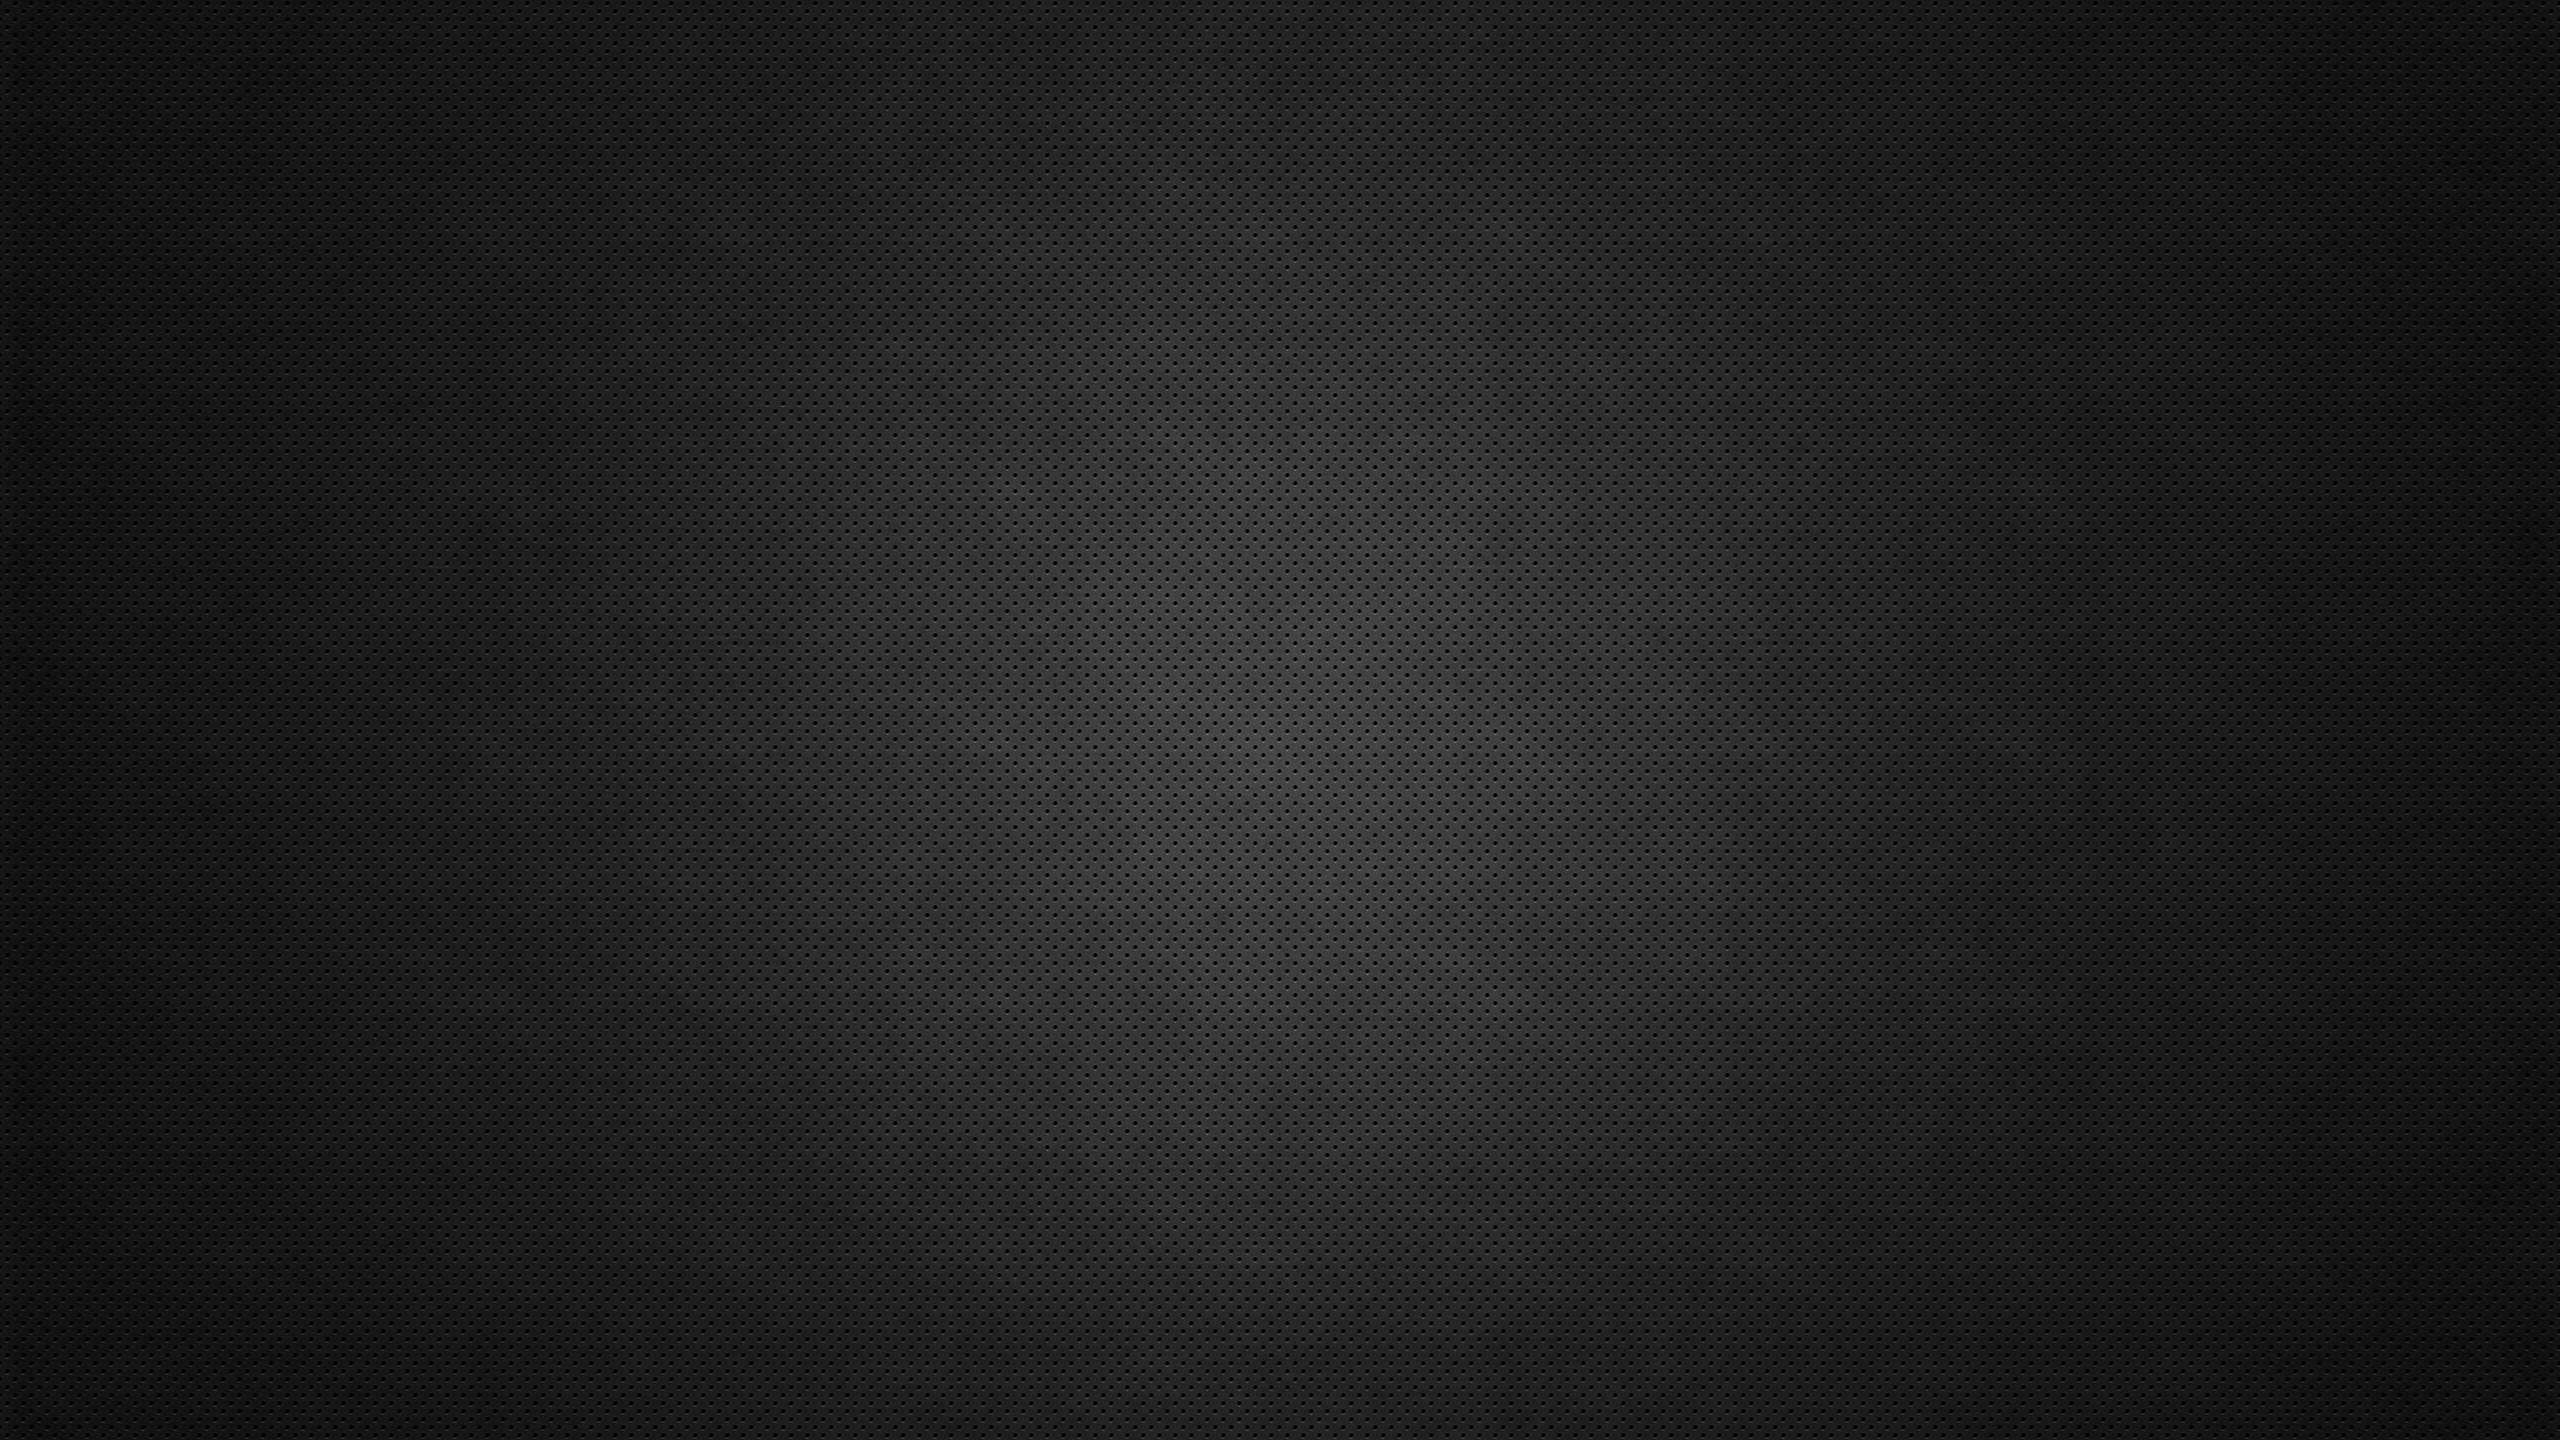 Fondo gris con textura - 2560x1440